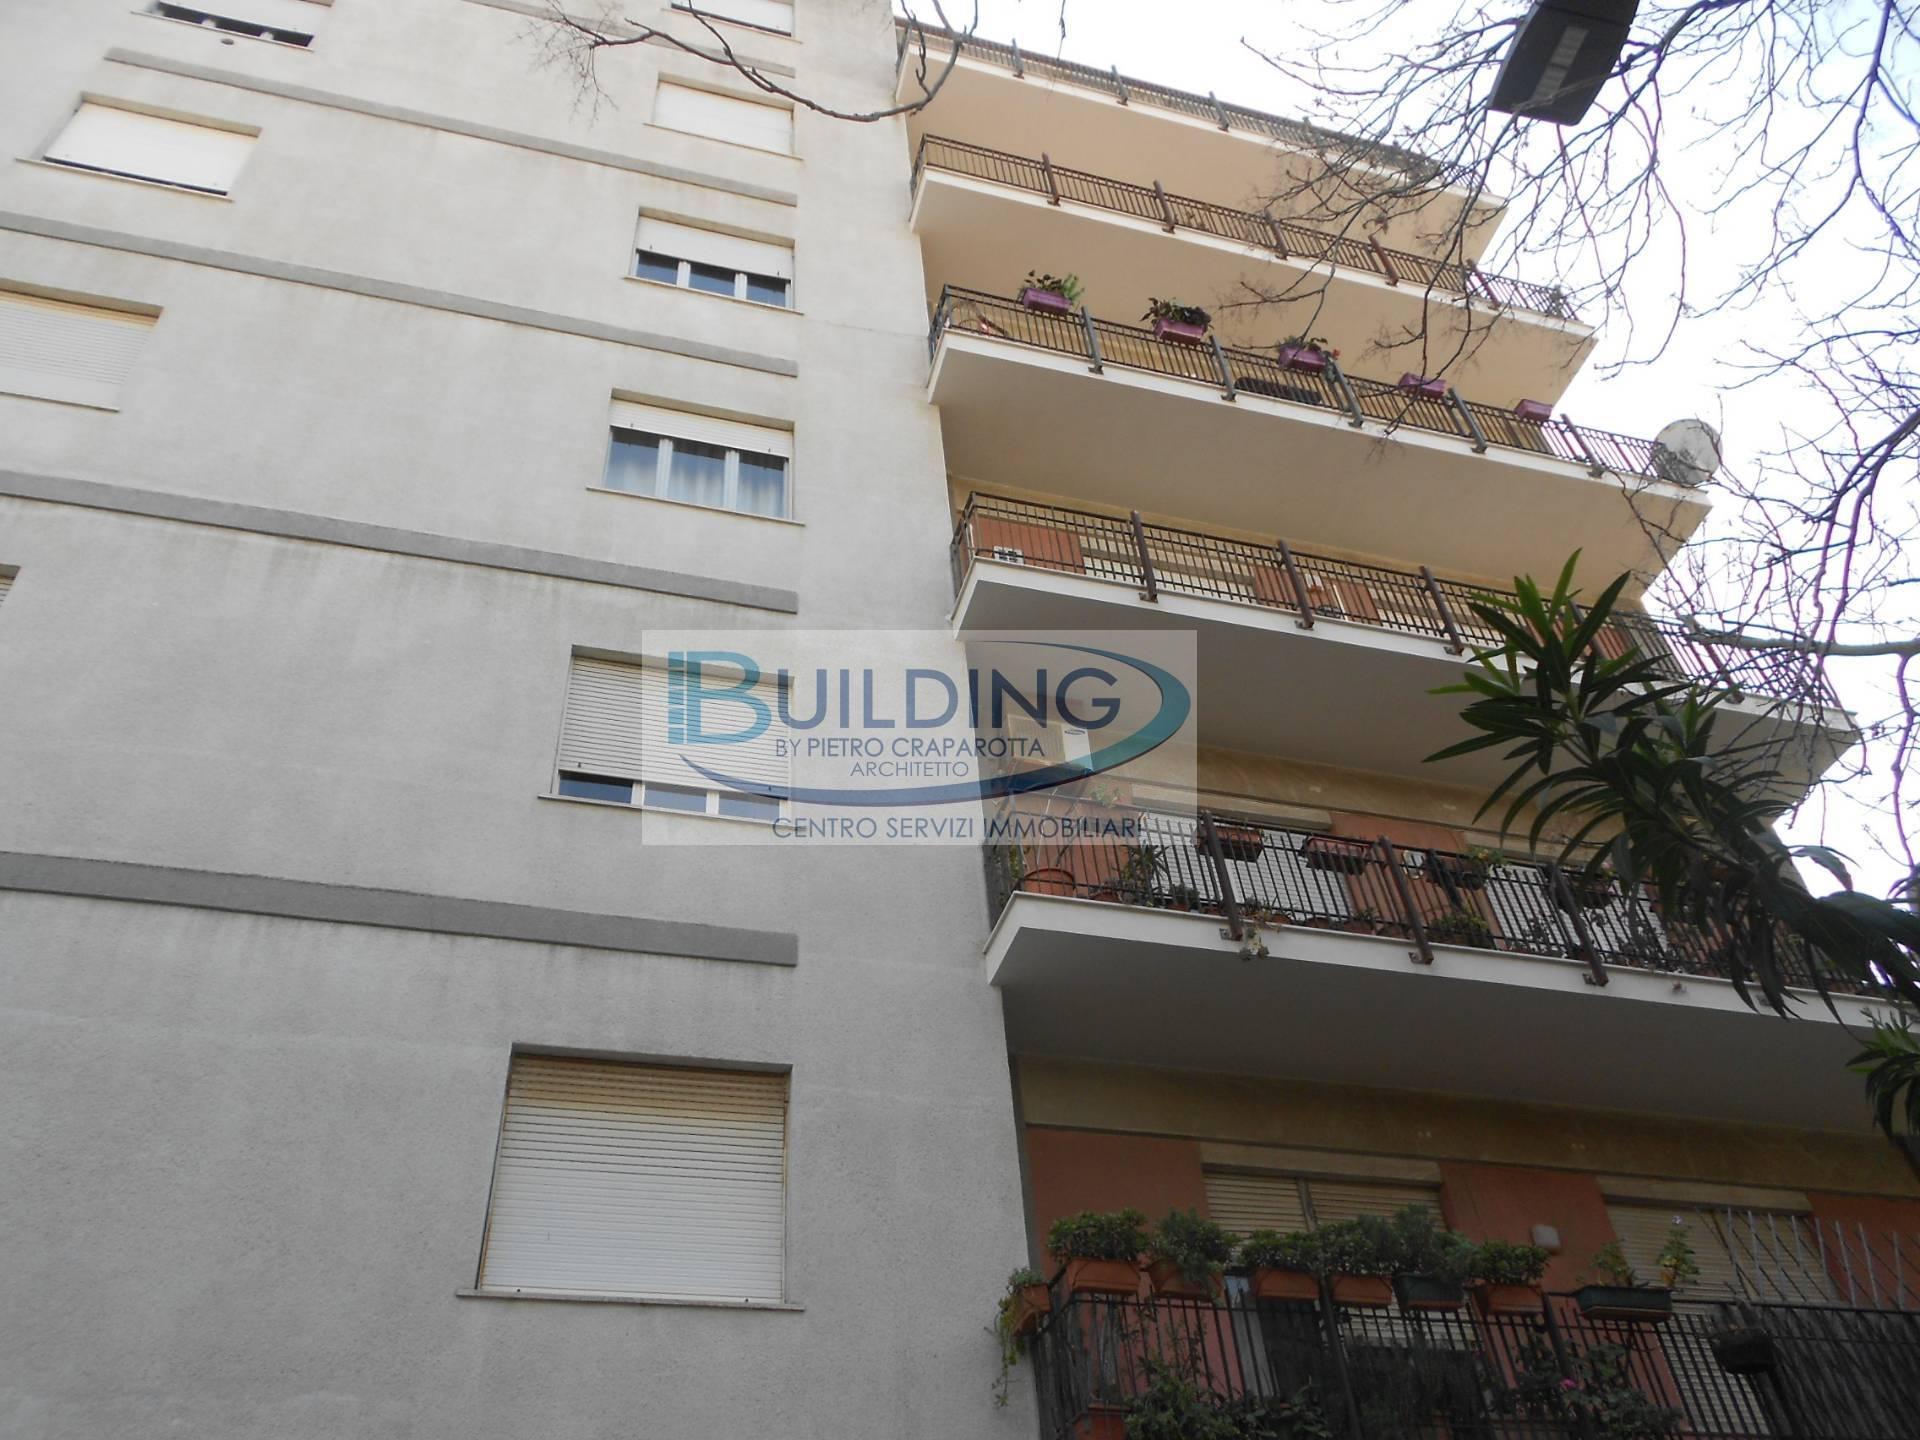 Appartamento in vendita a Castelvetrano, 6 locali, zona Località: CastelvetranoCittà, prezzo € 59.000 | PortaleAgenzieImmobiliari.it